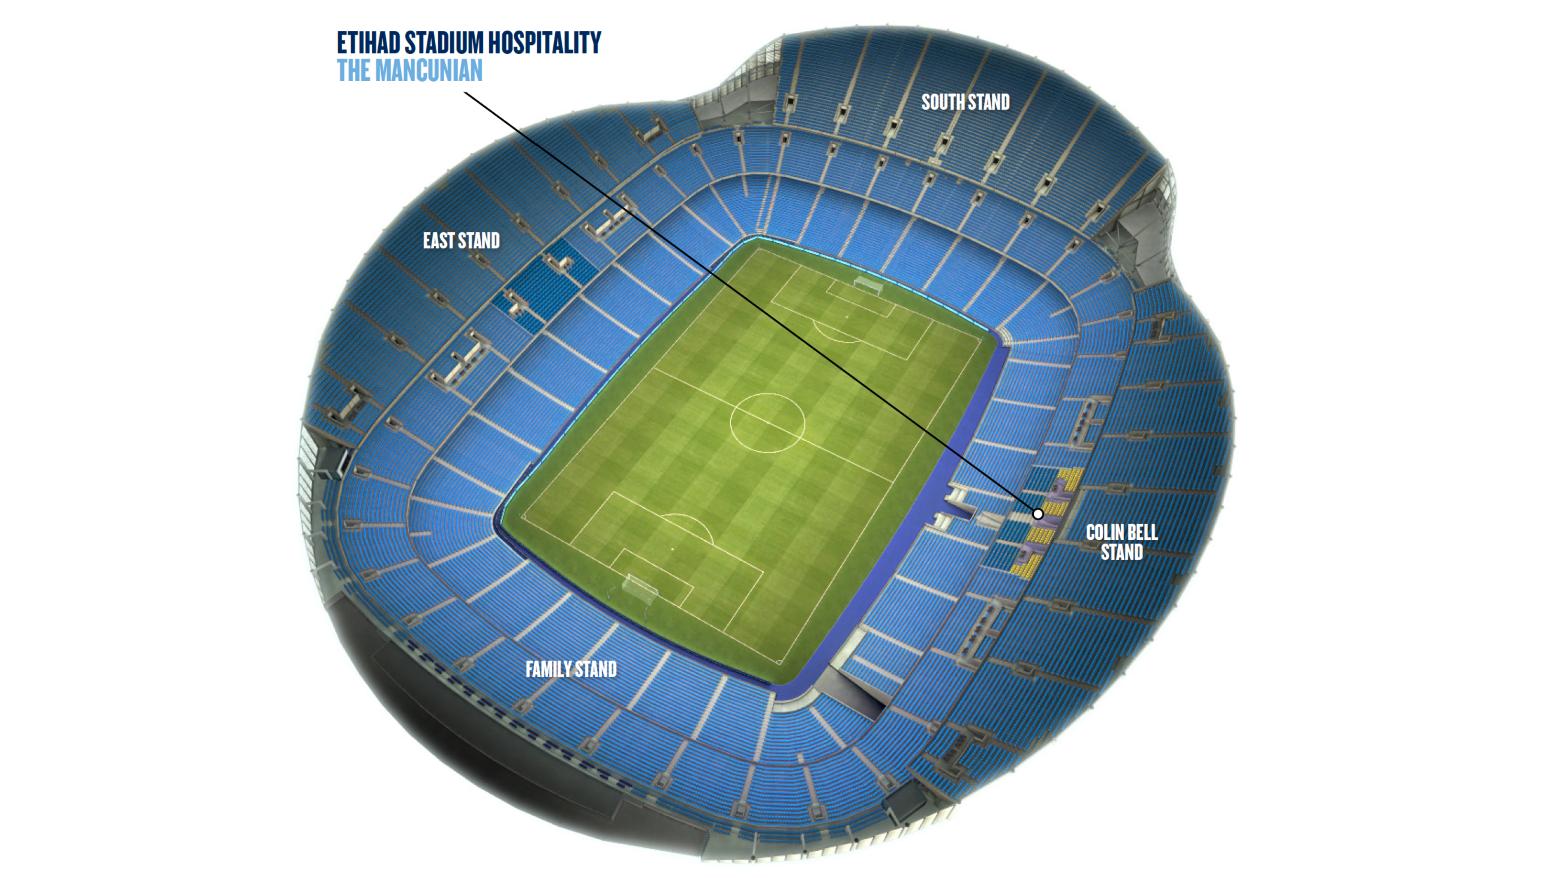 Mancunian stadium plan